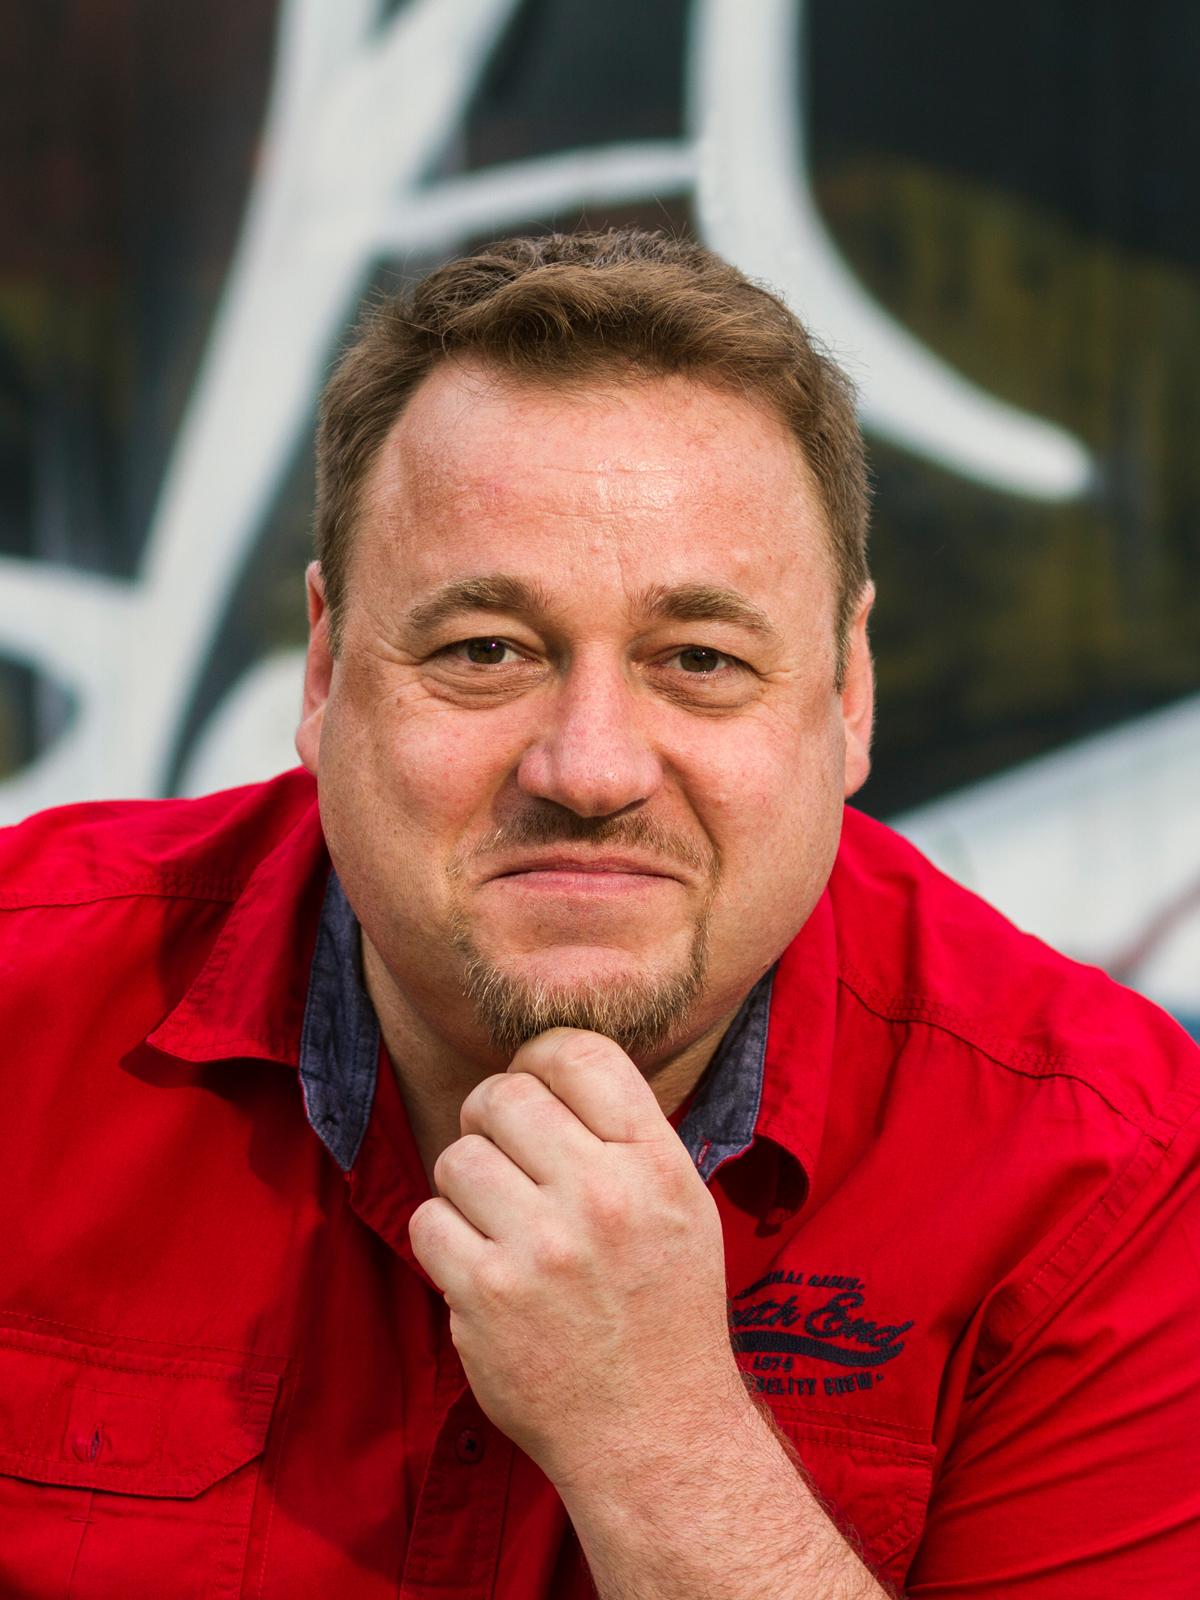 Marcus Czerwenka